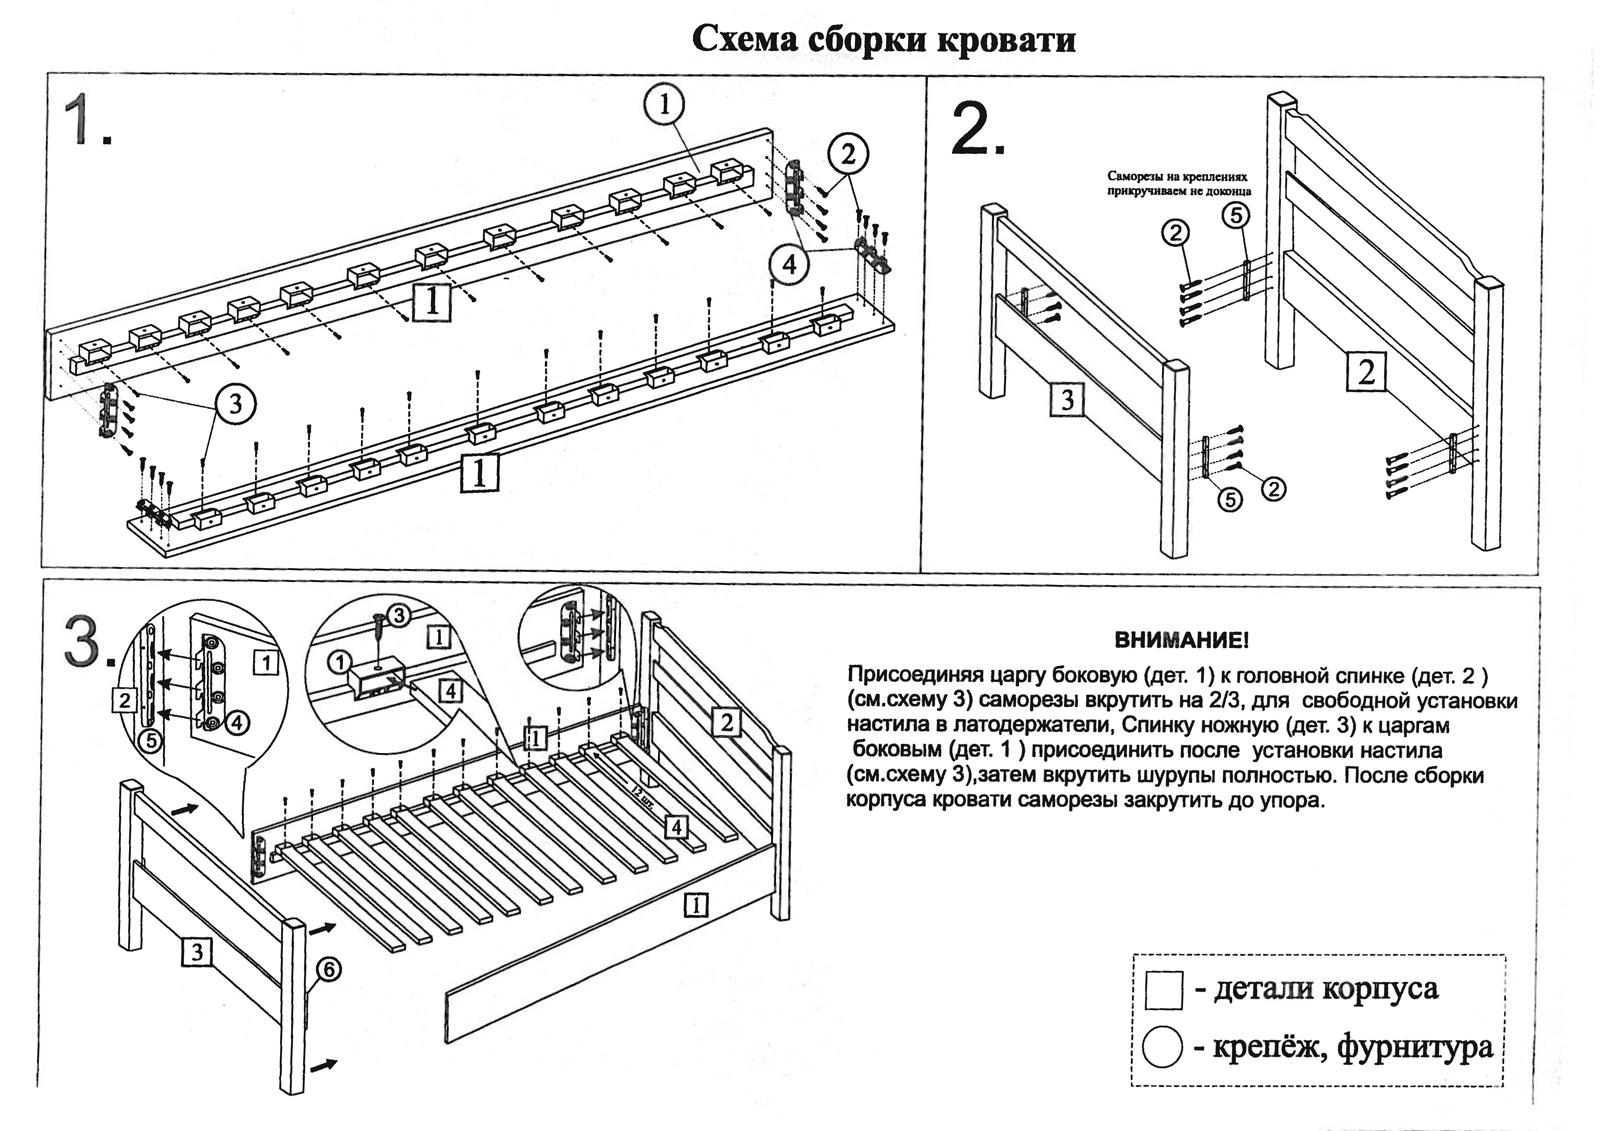 Несколько способов, как собрать кровать